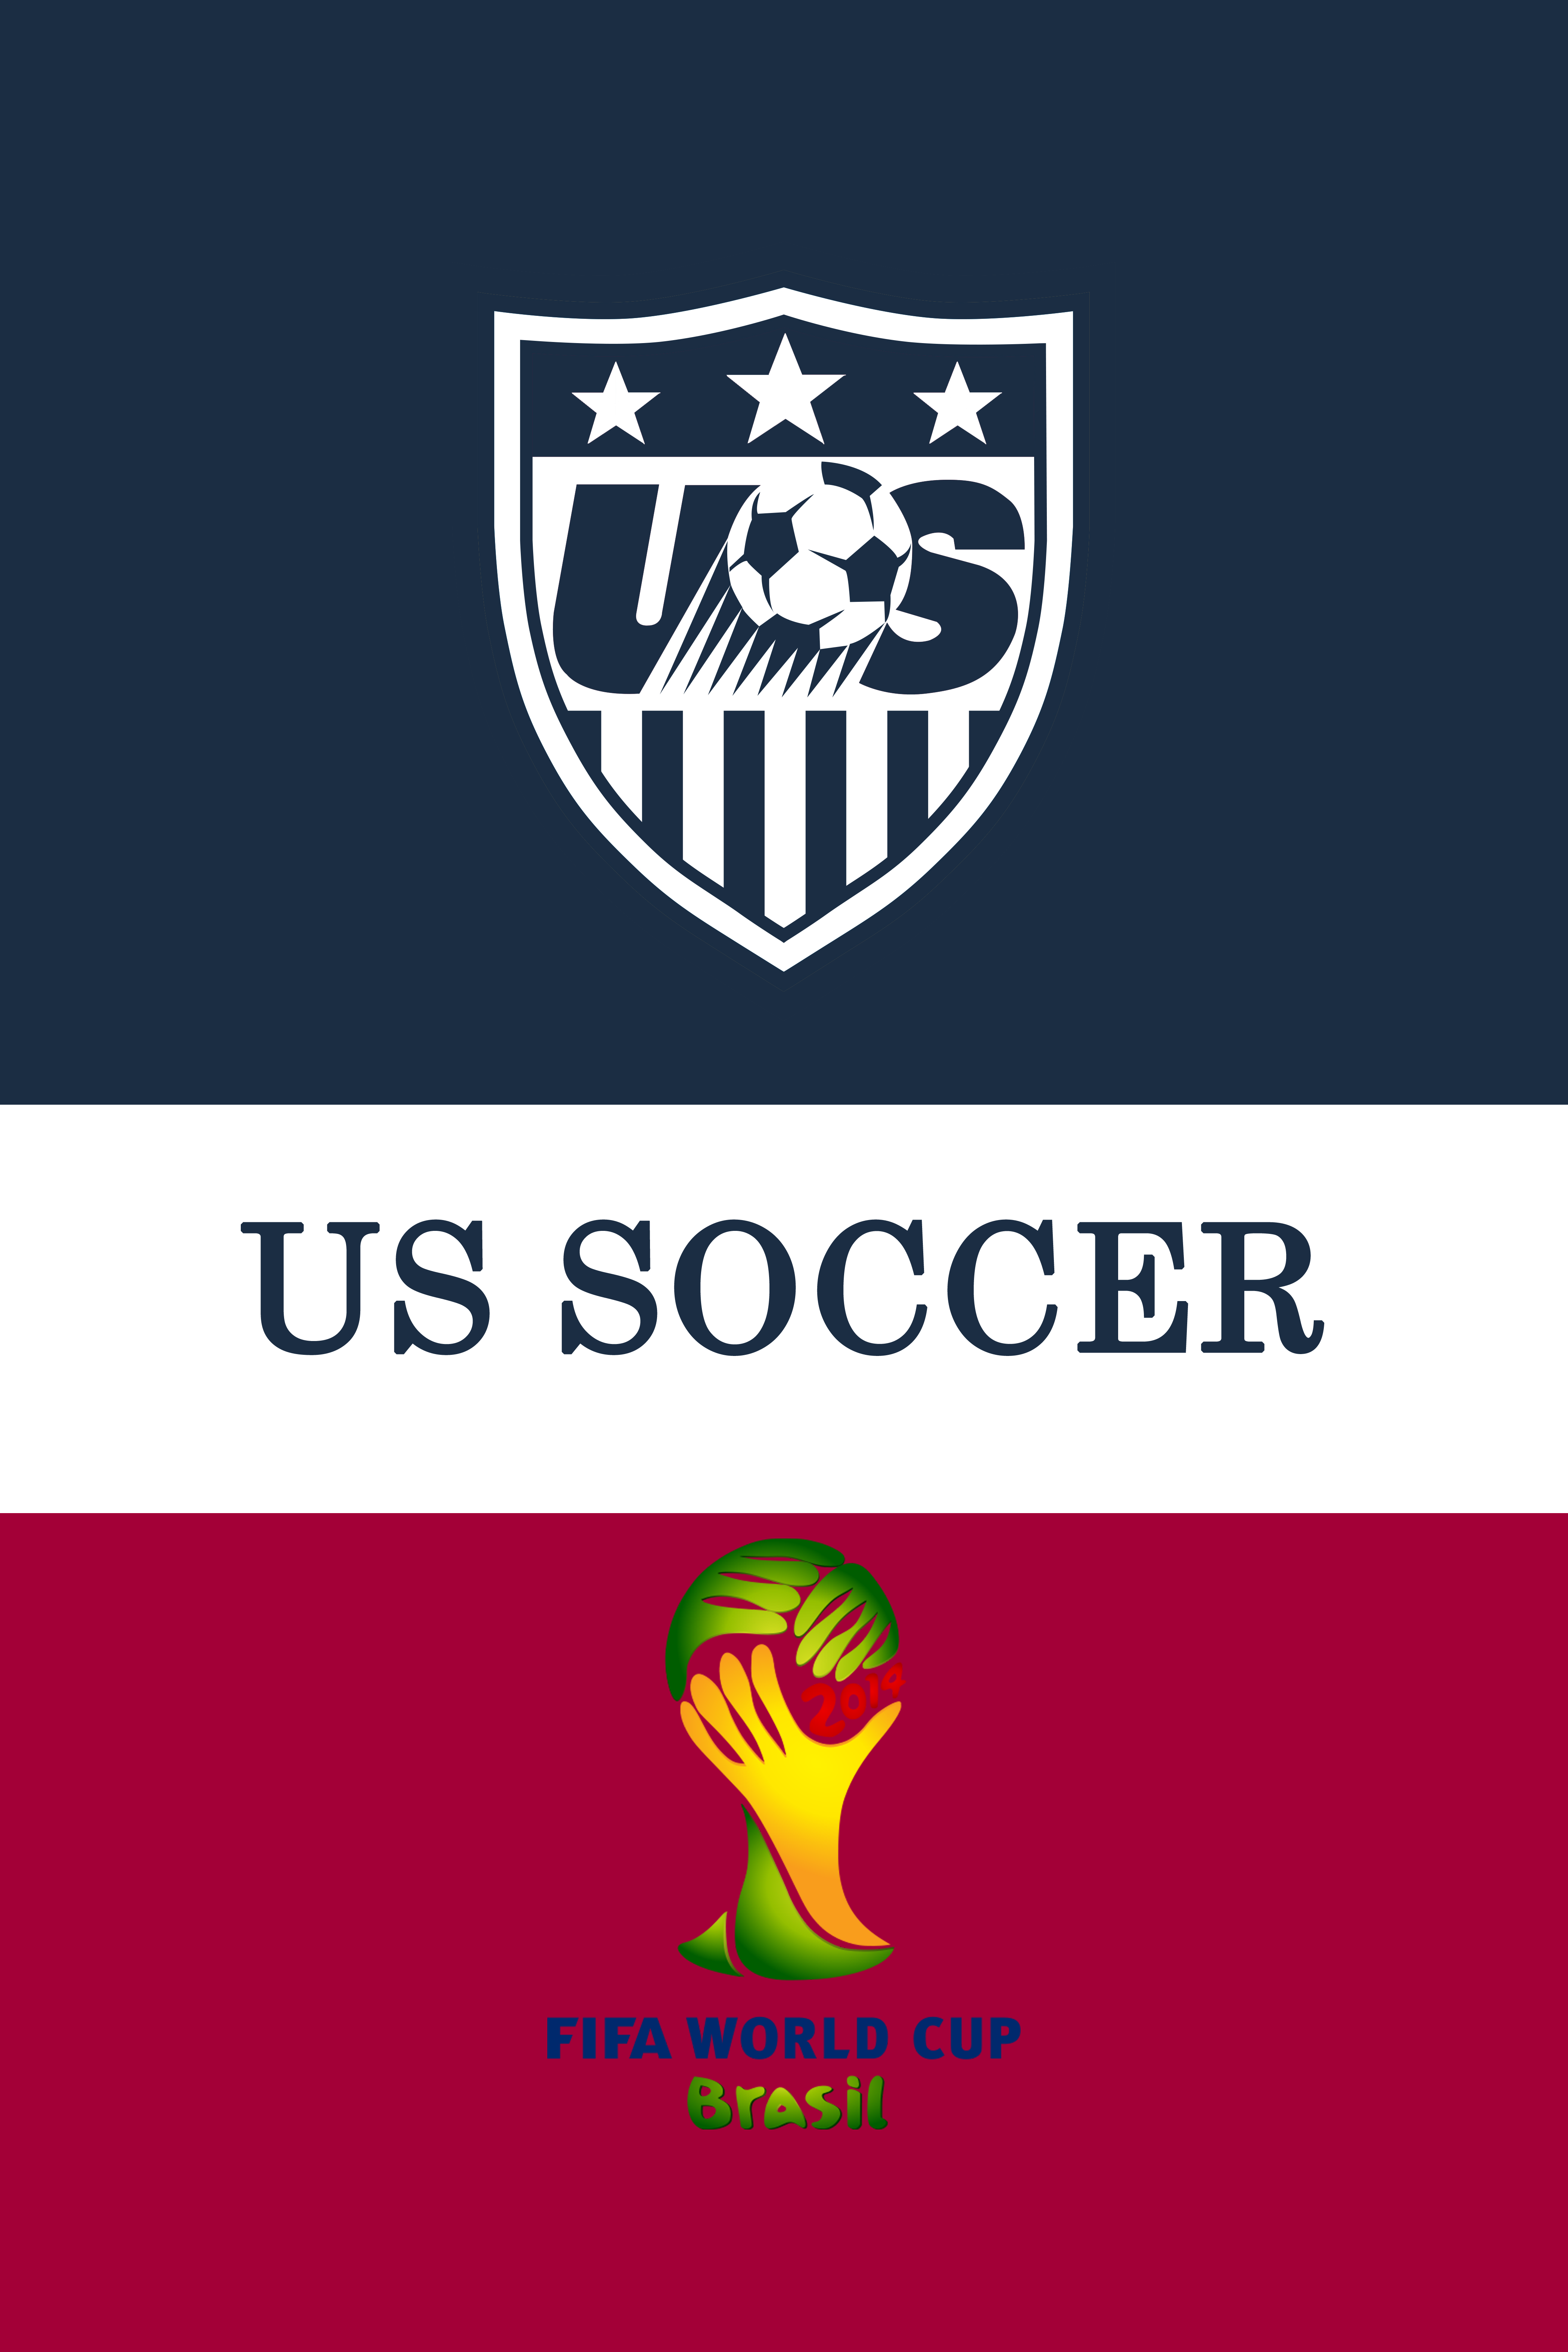 Wallpaper iphone football - Usa Soccer Iphone Wallpaper Wallpaper 2 Jpg